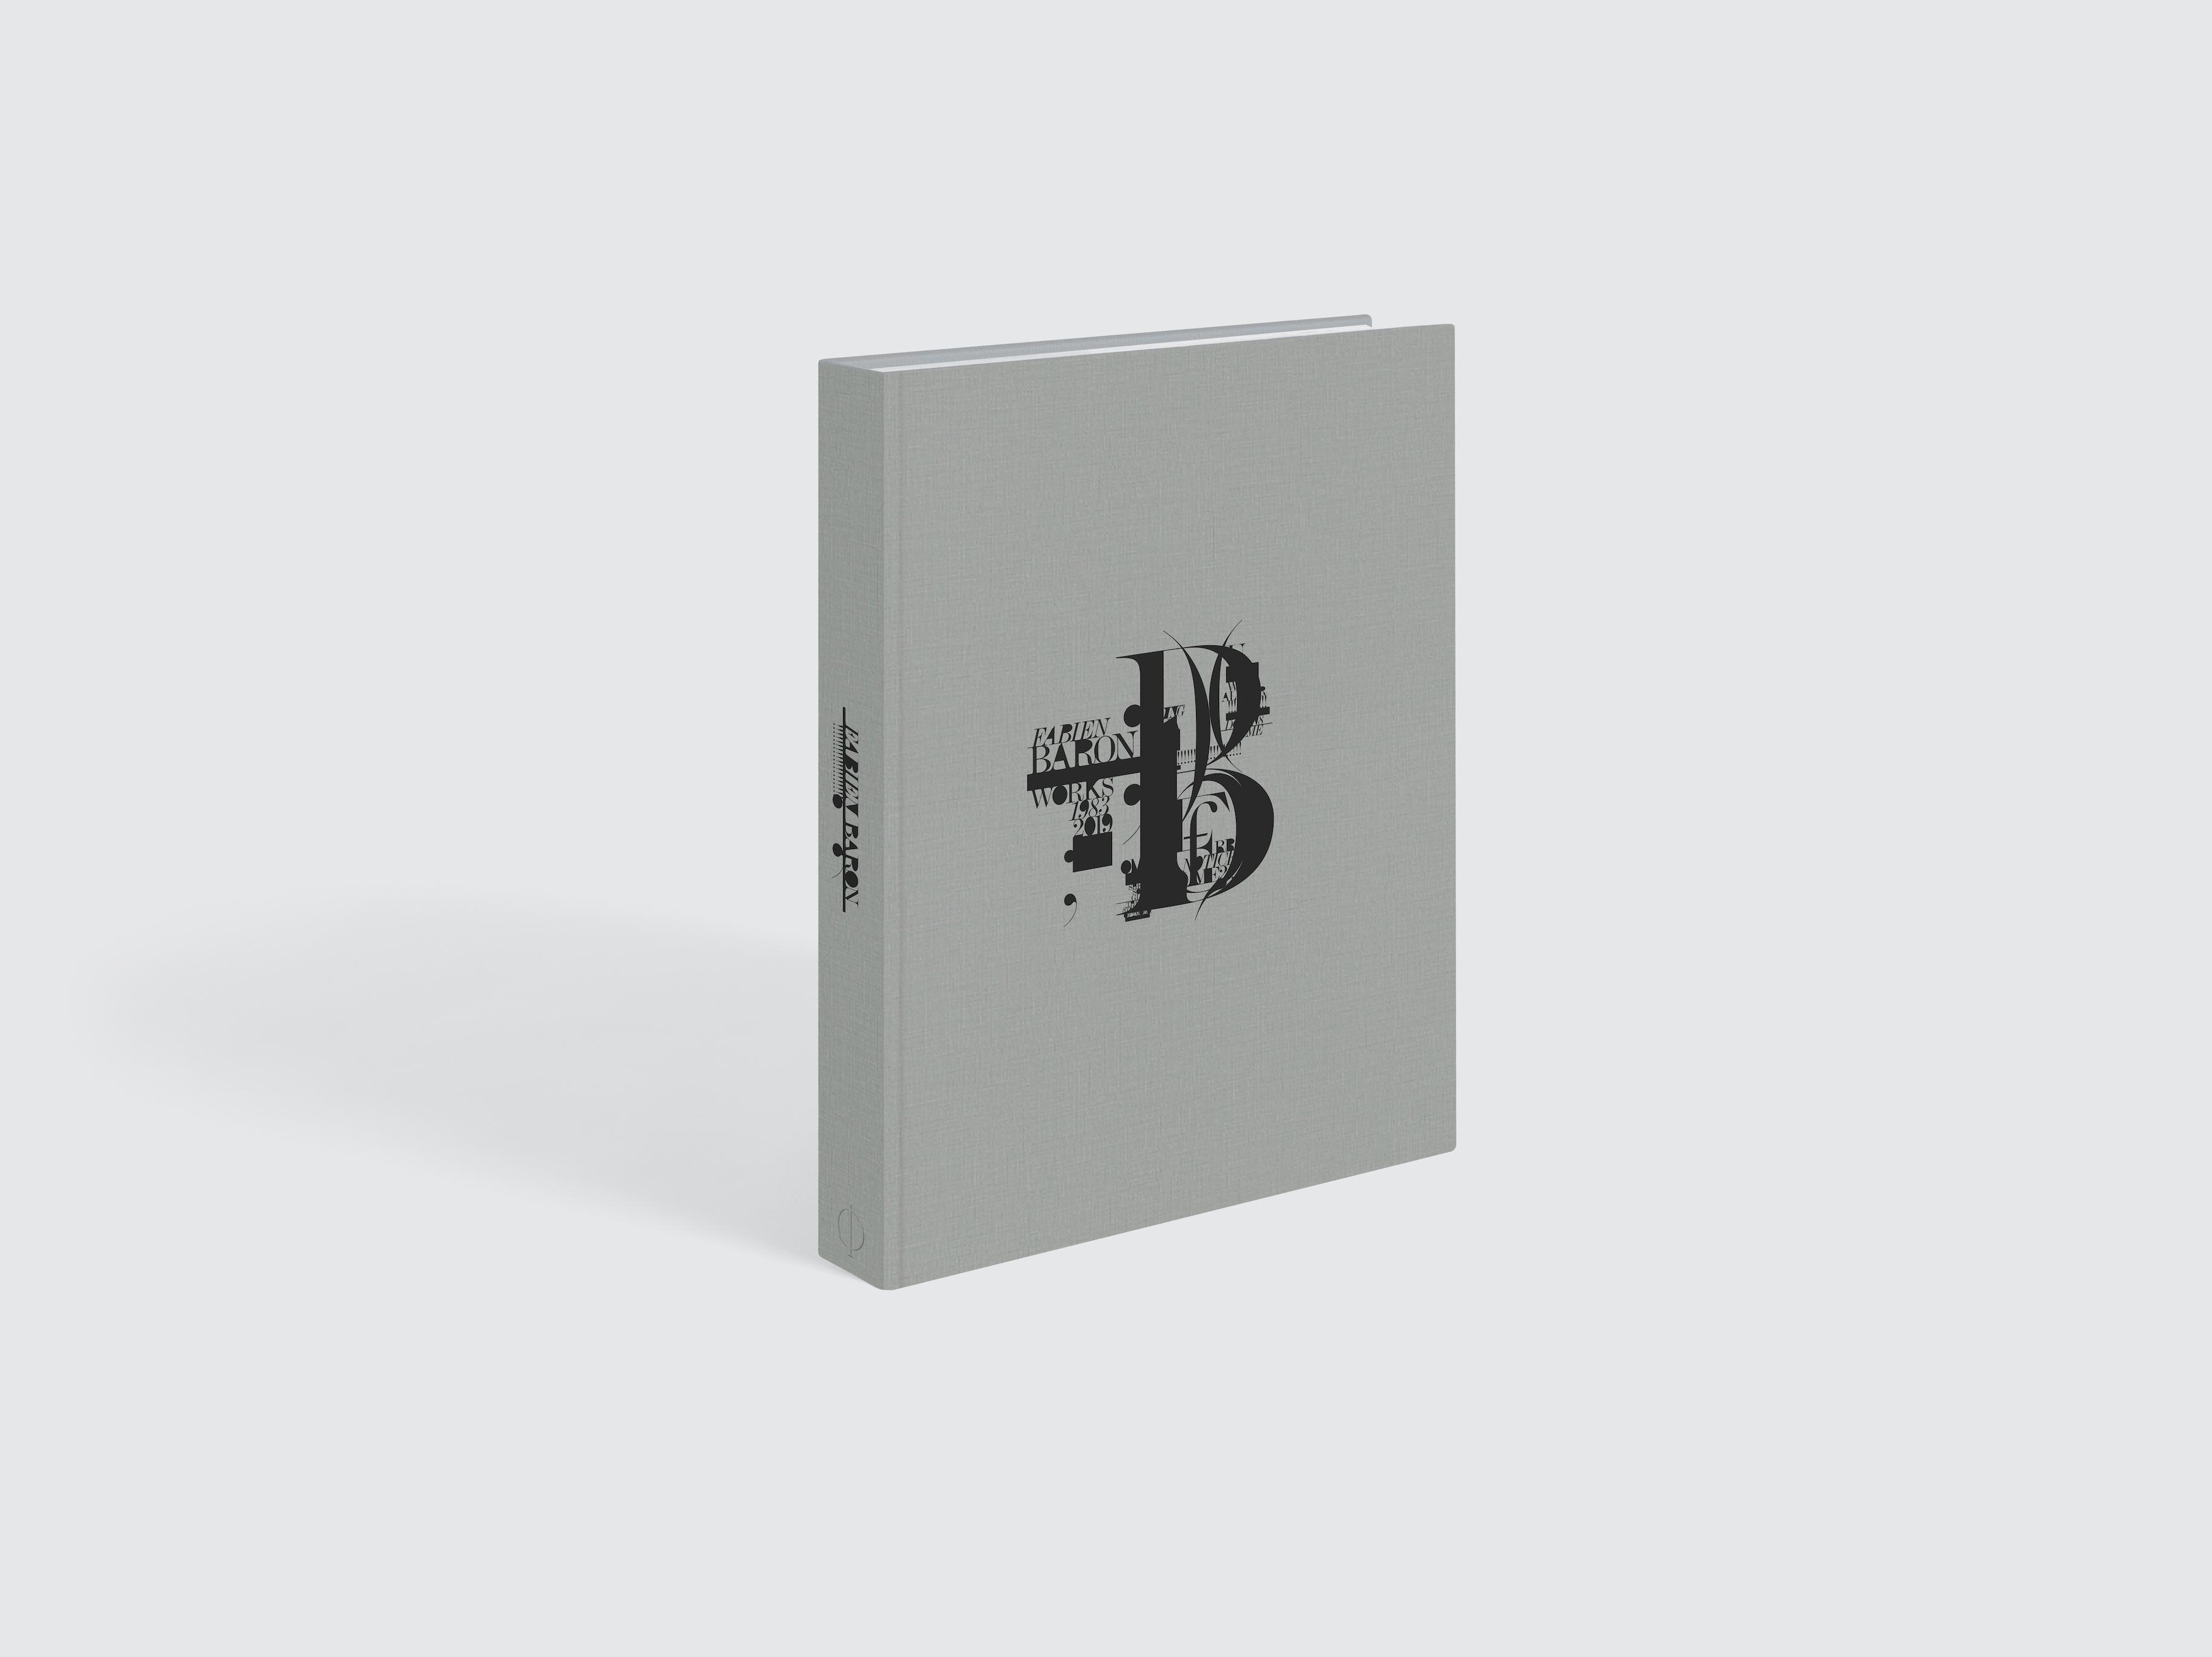 Fabien-Baron-The-Collected-Works-EN-4657-Standing-REV